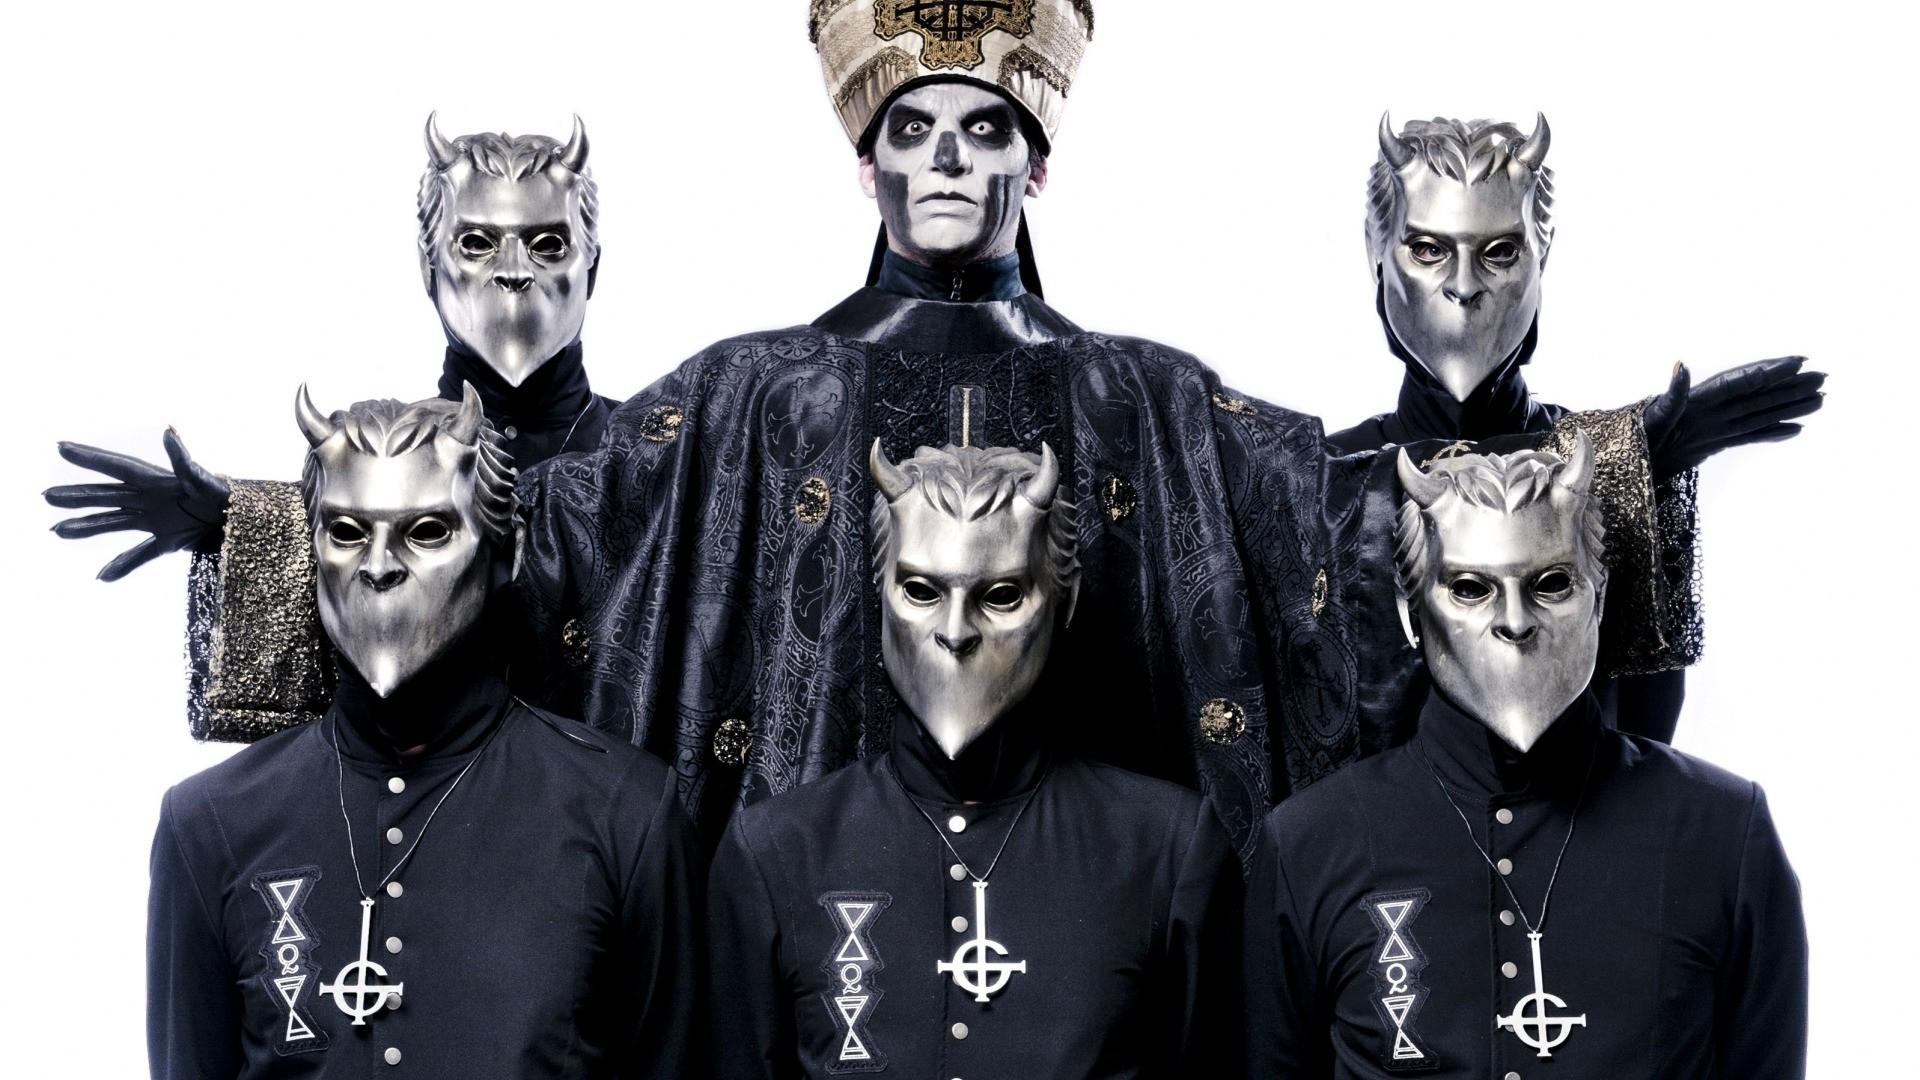 Res: 1920x1080, ... Download wallpaper Ghost Papa Emeritus III doom metal band heavy